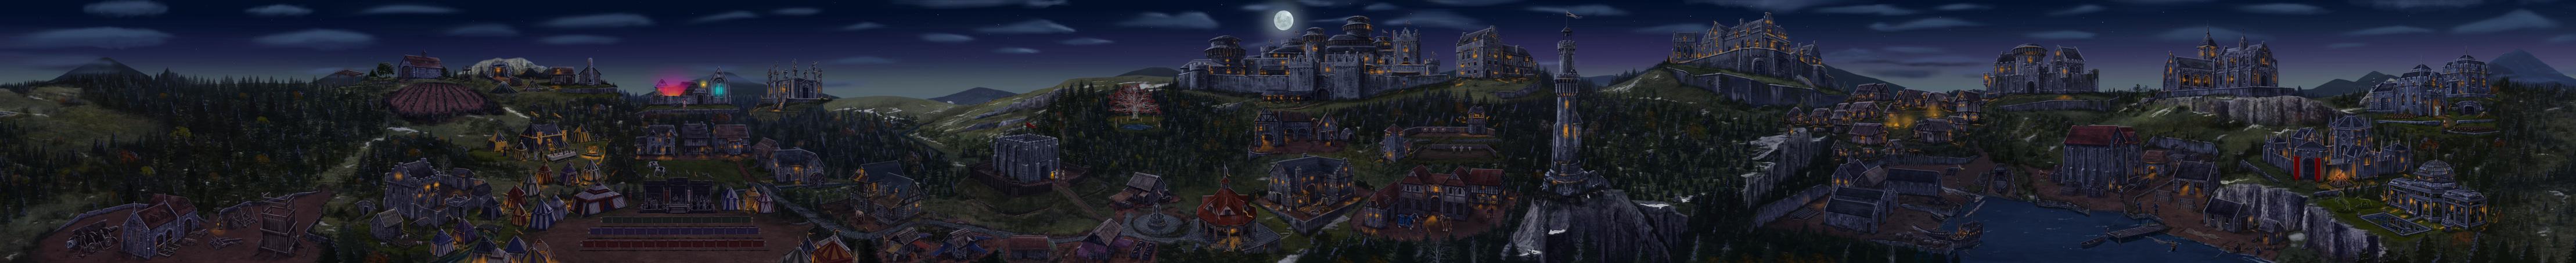 Your Holdings Panorama (Night).jpg